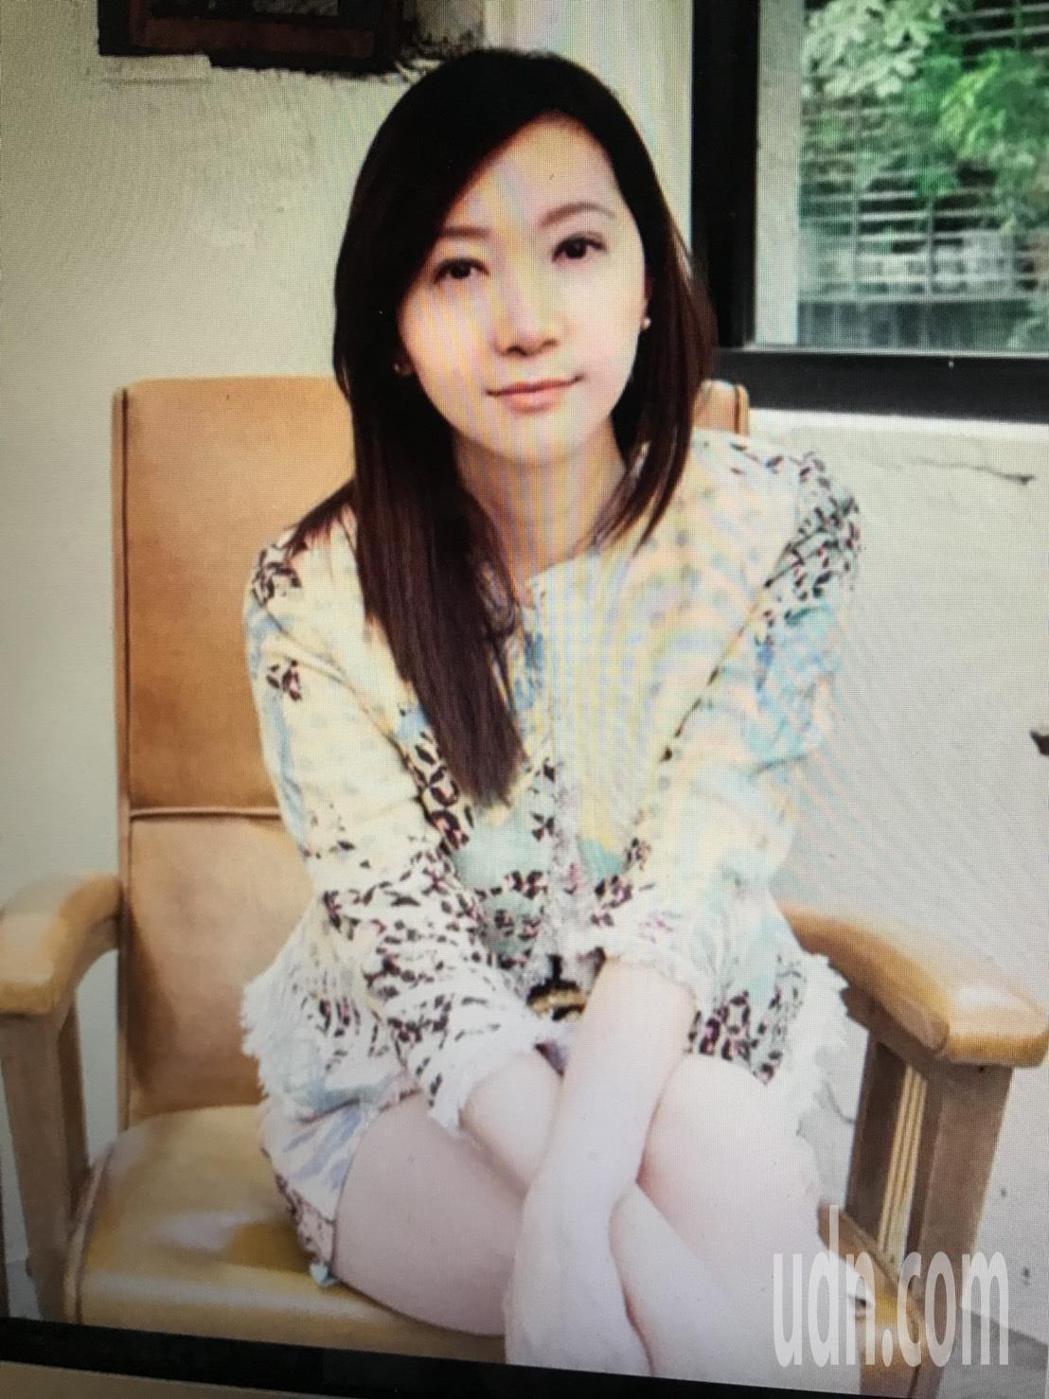 知名作家李維菁驚傳去世,享年49歲。翻攝李維菁臉書